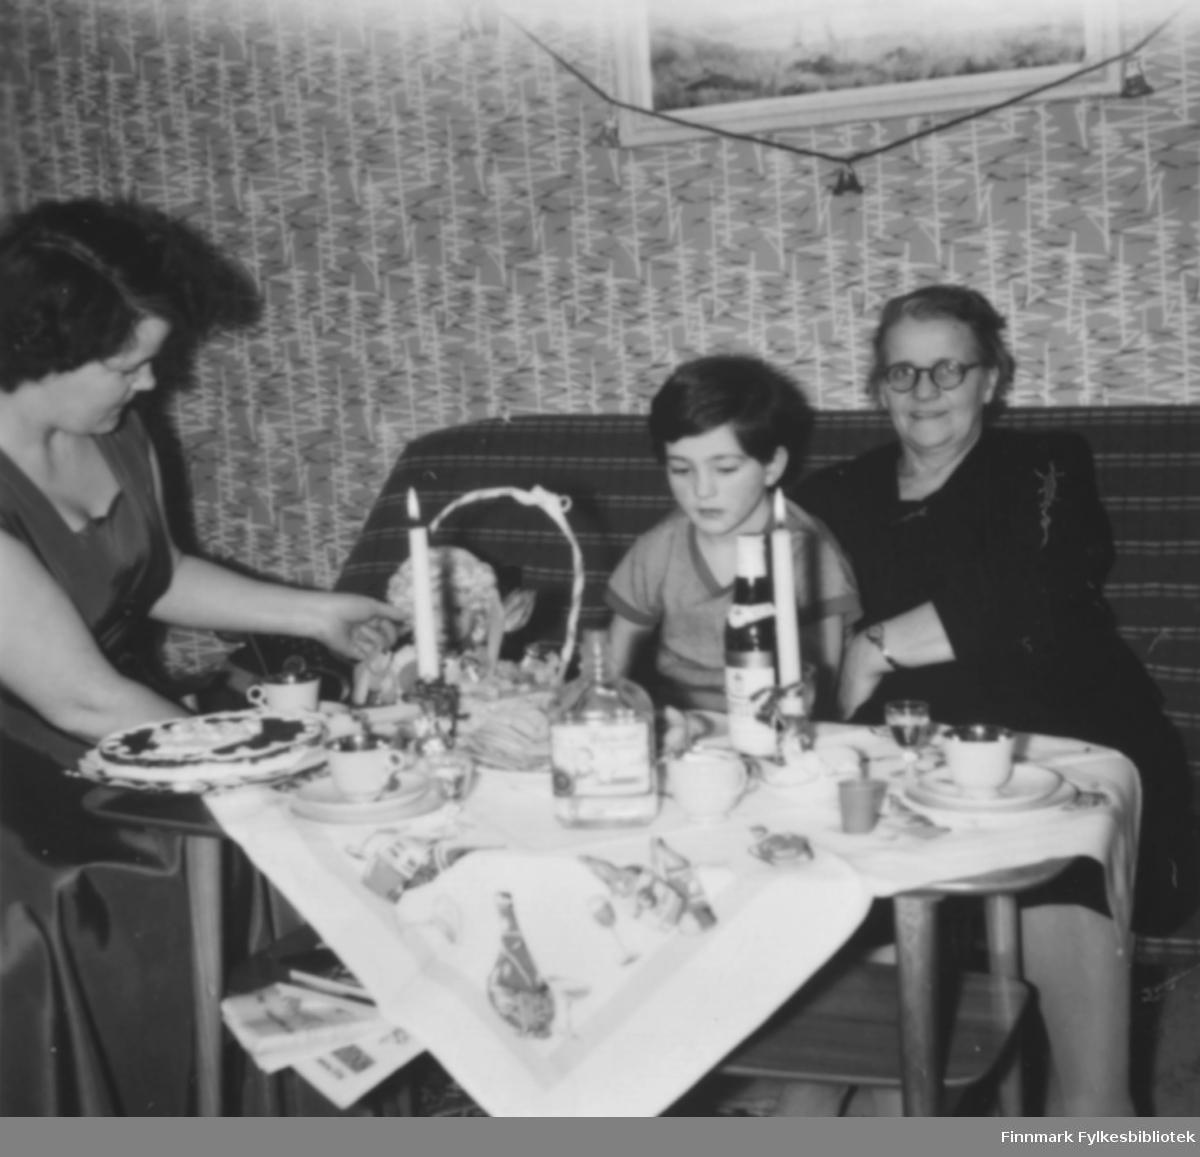 Julekaffe hos familien Ebeltoft, ca. 1953. Fra venstre: Ragnhild og Torill Ebeltoft, Svanhild Kvam. På bordet nisseduk og stearinglys